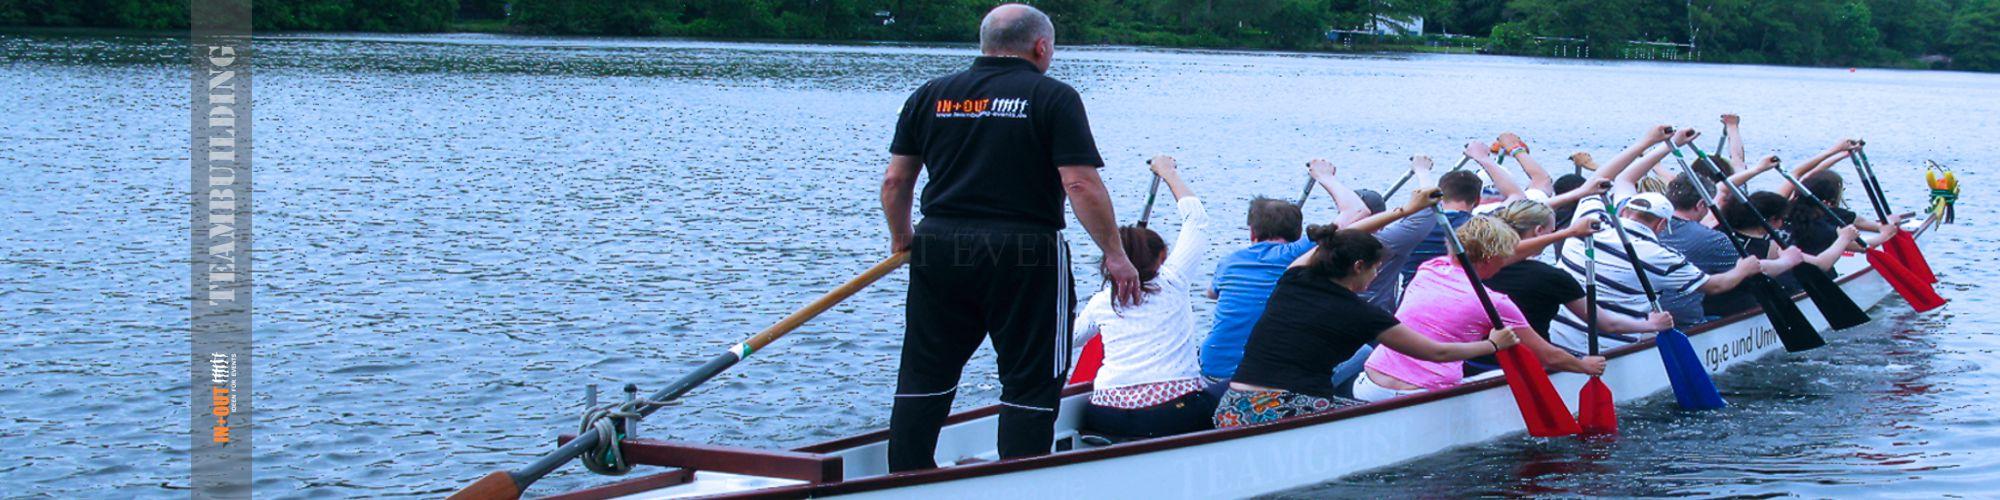 Drachenboot Team Event